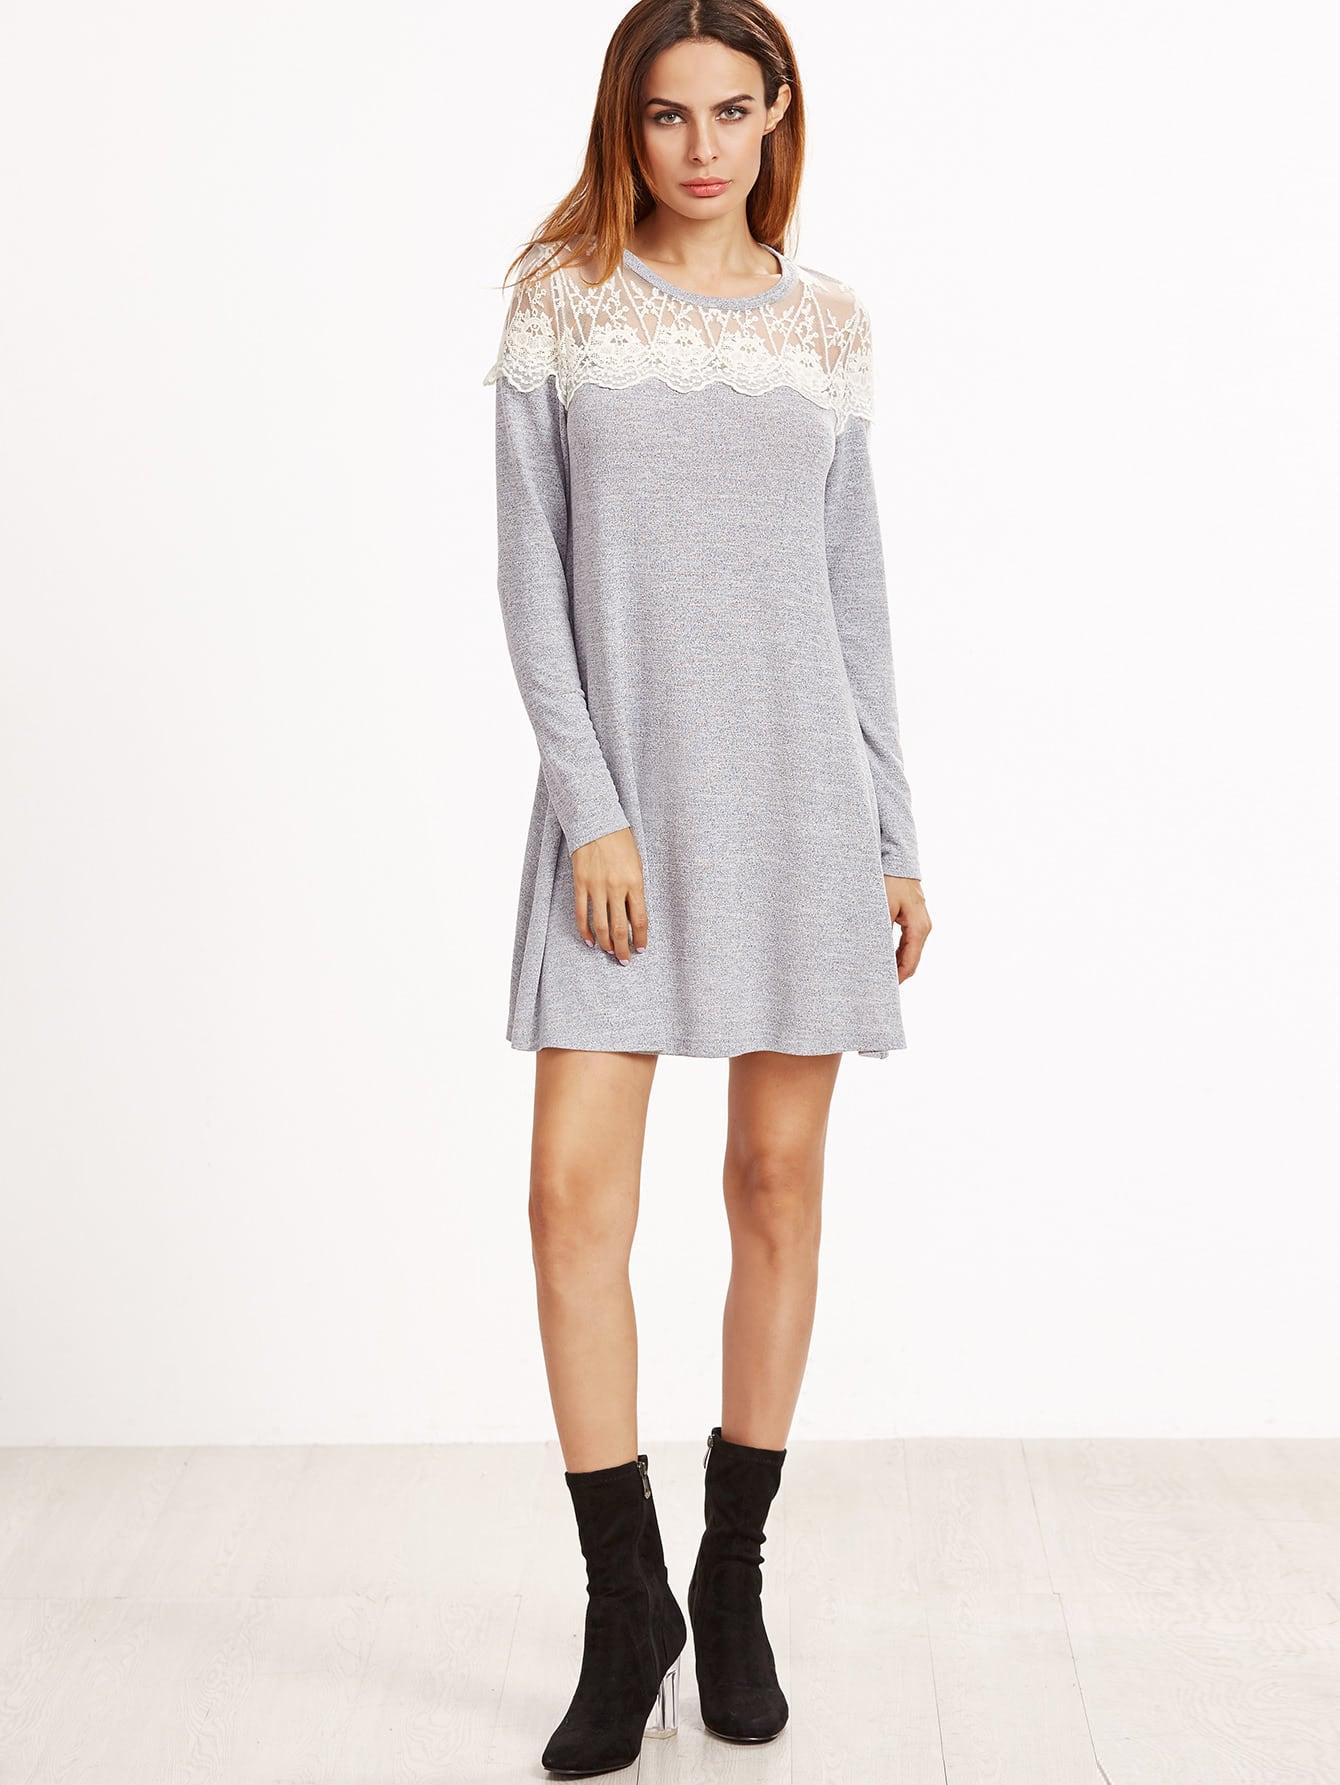 dress161110711_2